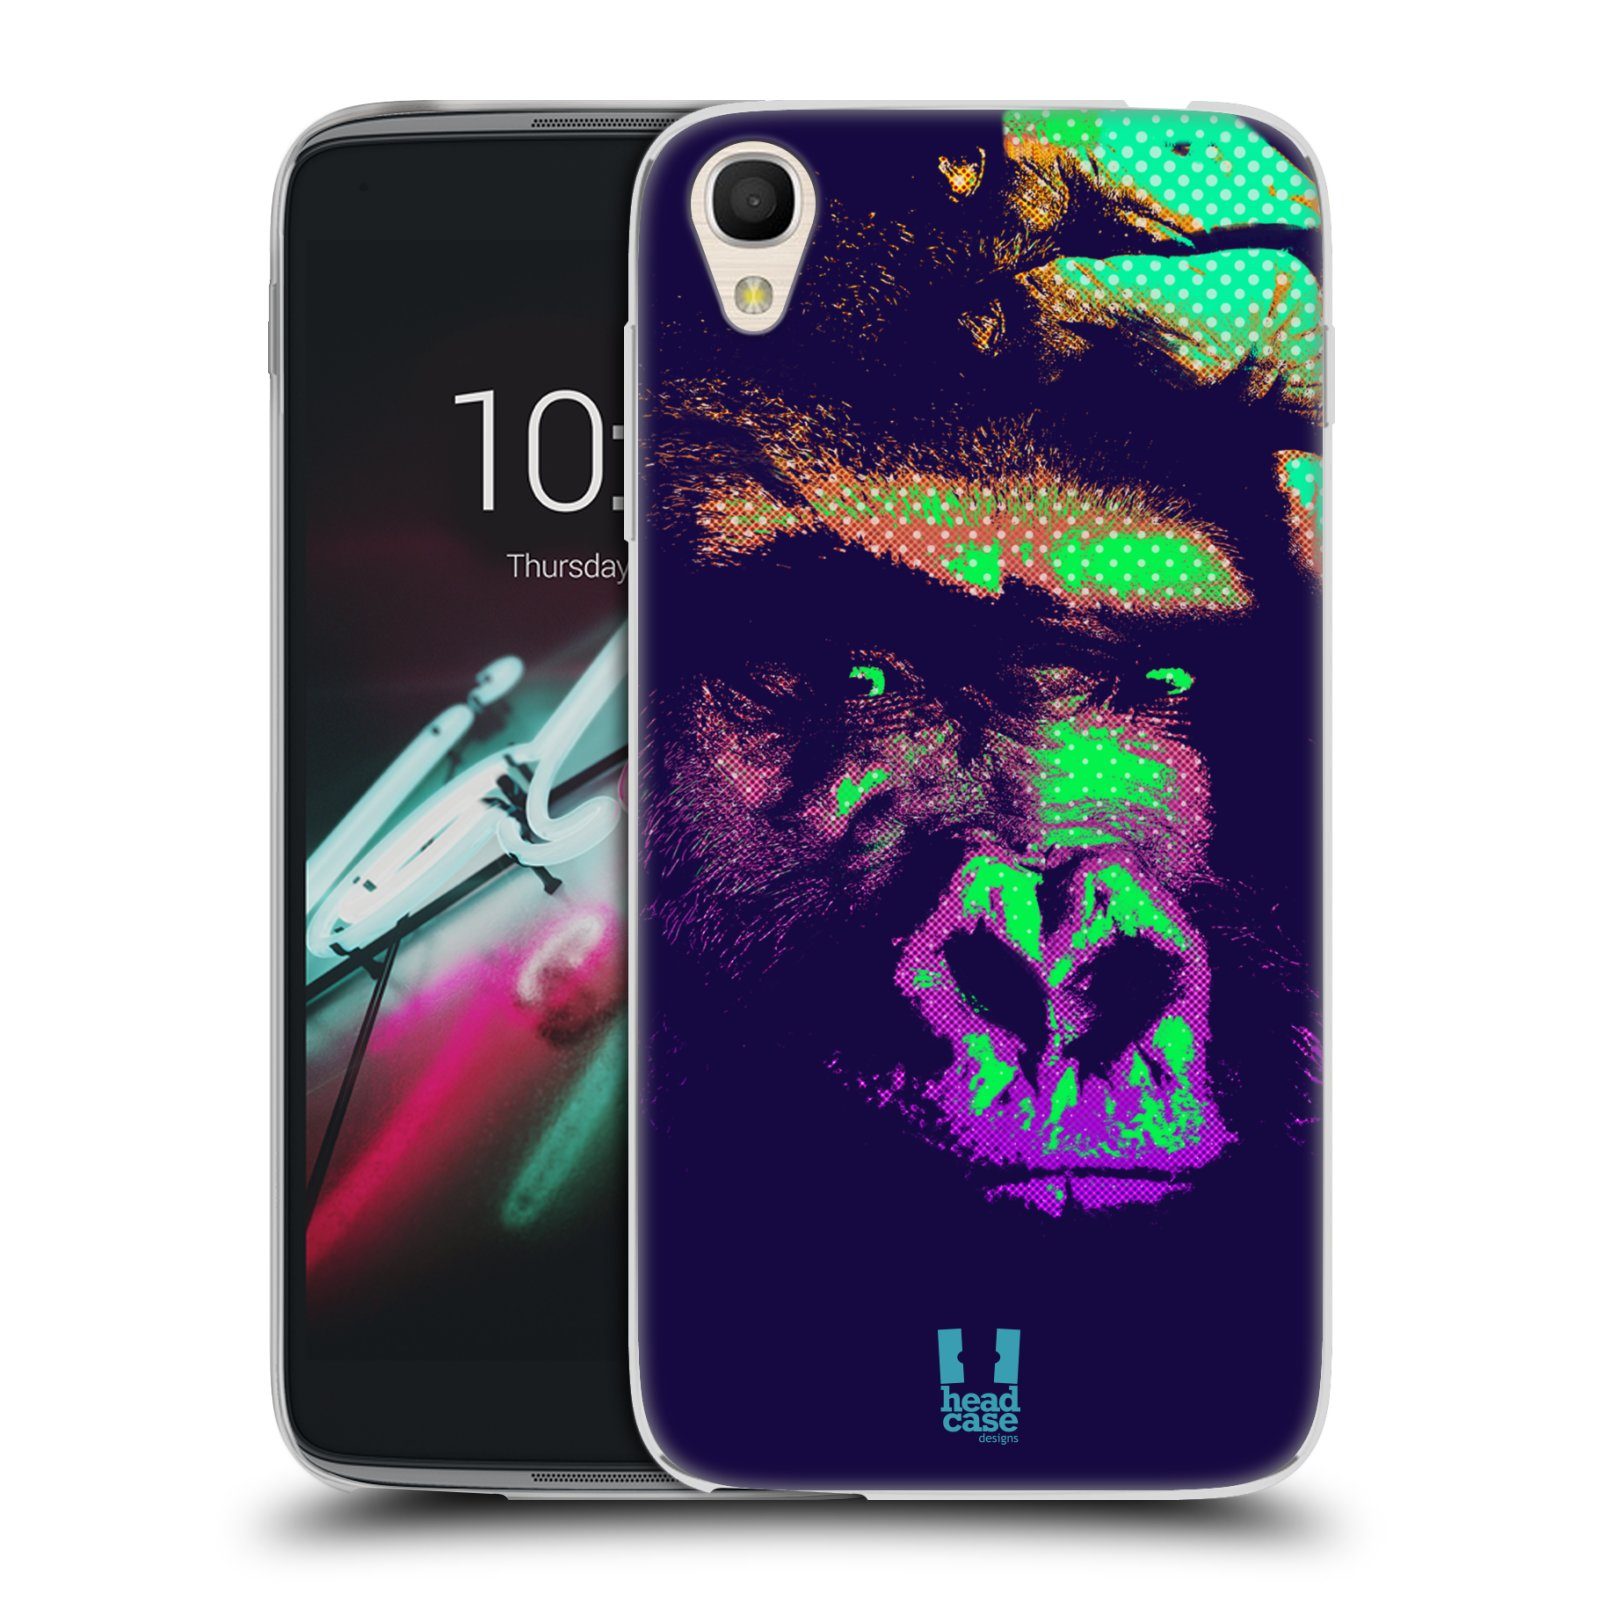 """Silikonové pouzdro na mobil Alcatel One Touch 6039Y Idol 3 HEAD CASE POP PRINT GORILA (Silikonový kryt či obal na mobilní telefon Alcatel One Touch Idol 3 OT-6039Y s 4,7"""" displejem)"""